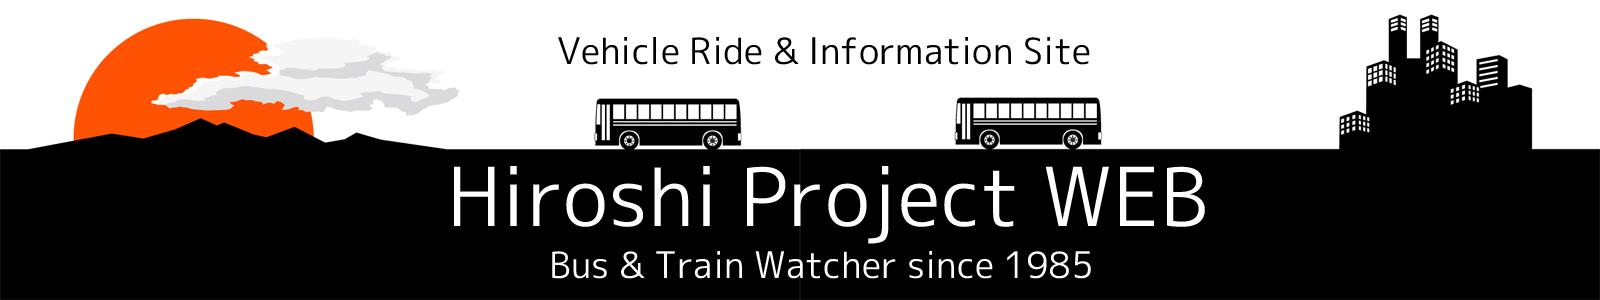 夜行バス・高速バス・鉄道乗車記サイト「ひろしプロジェクトWEB」